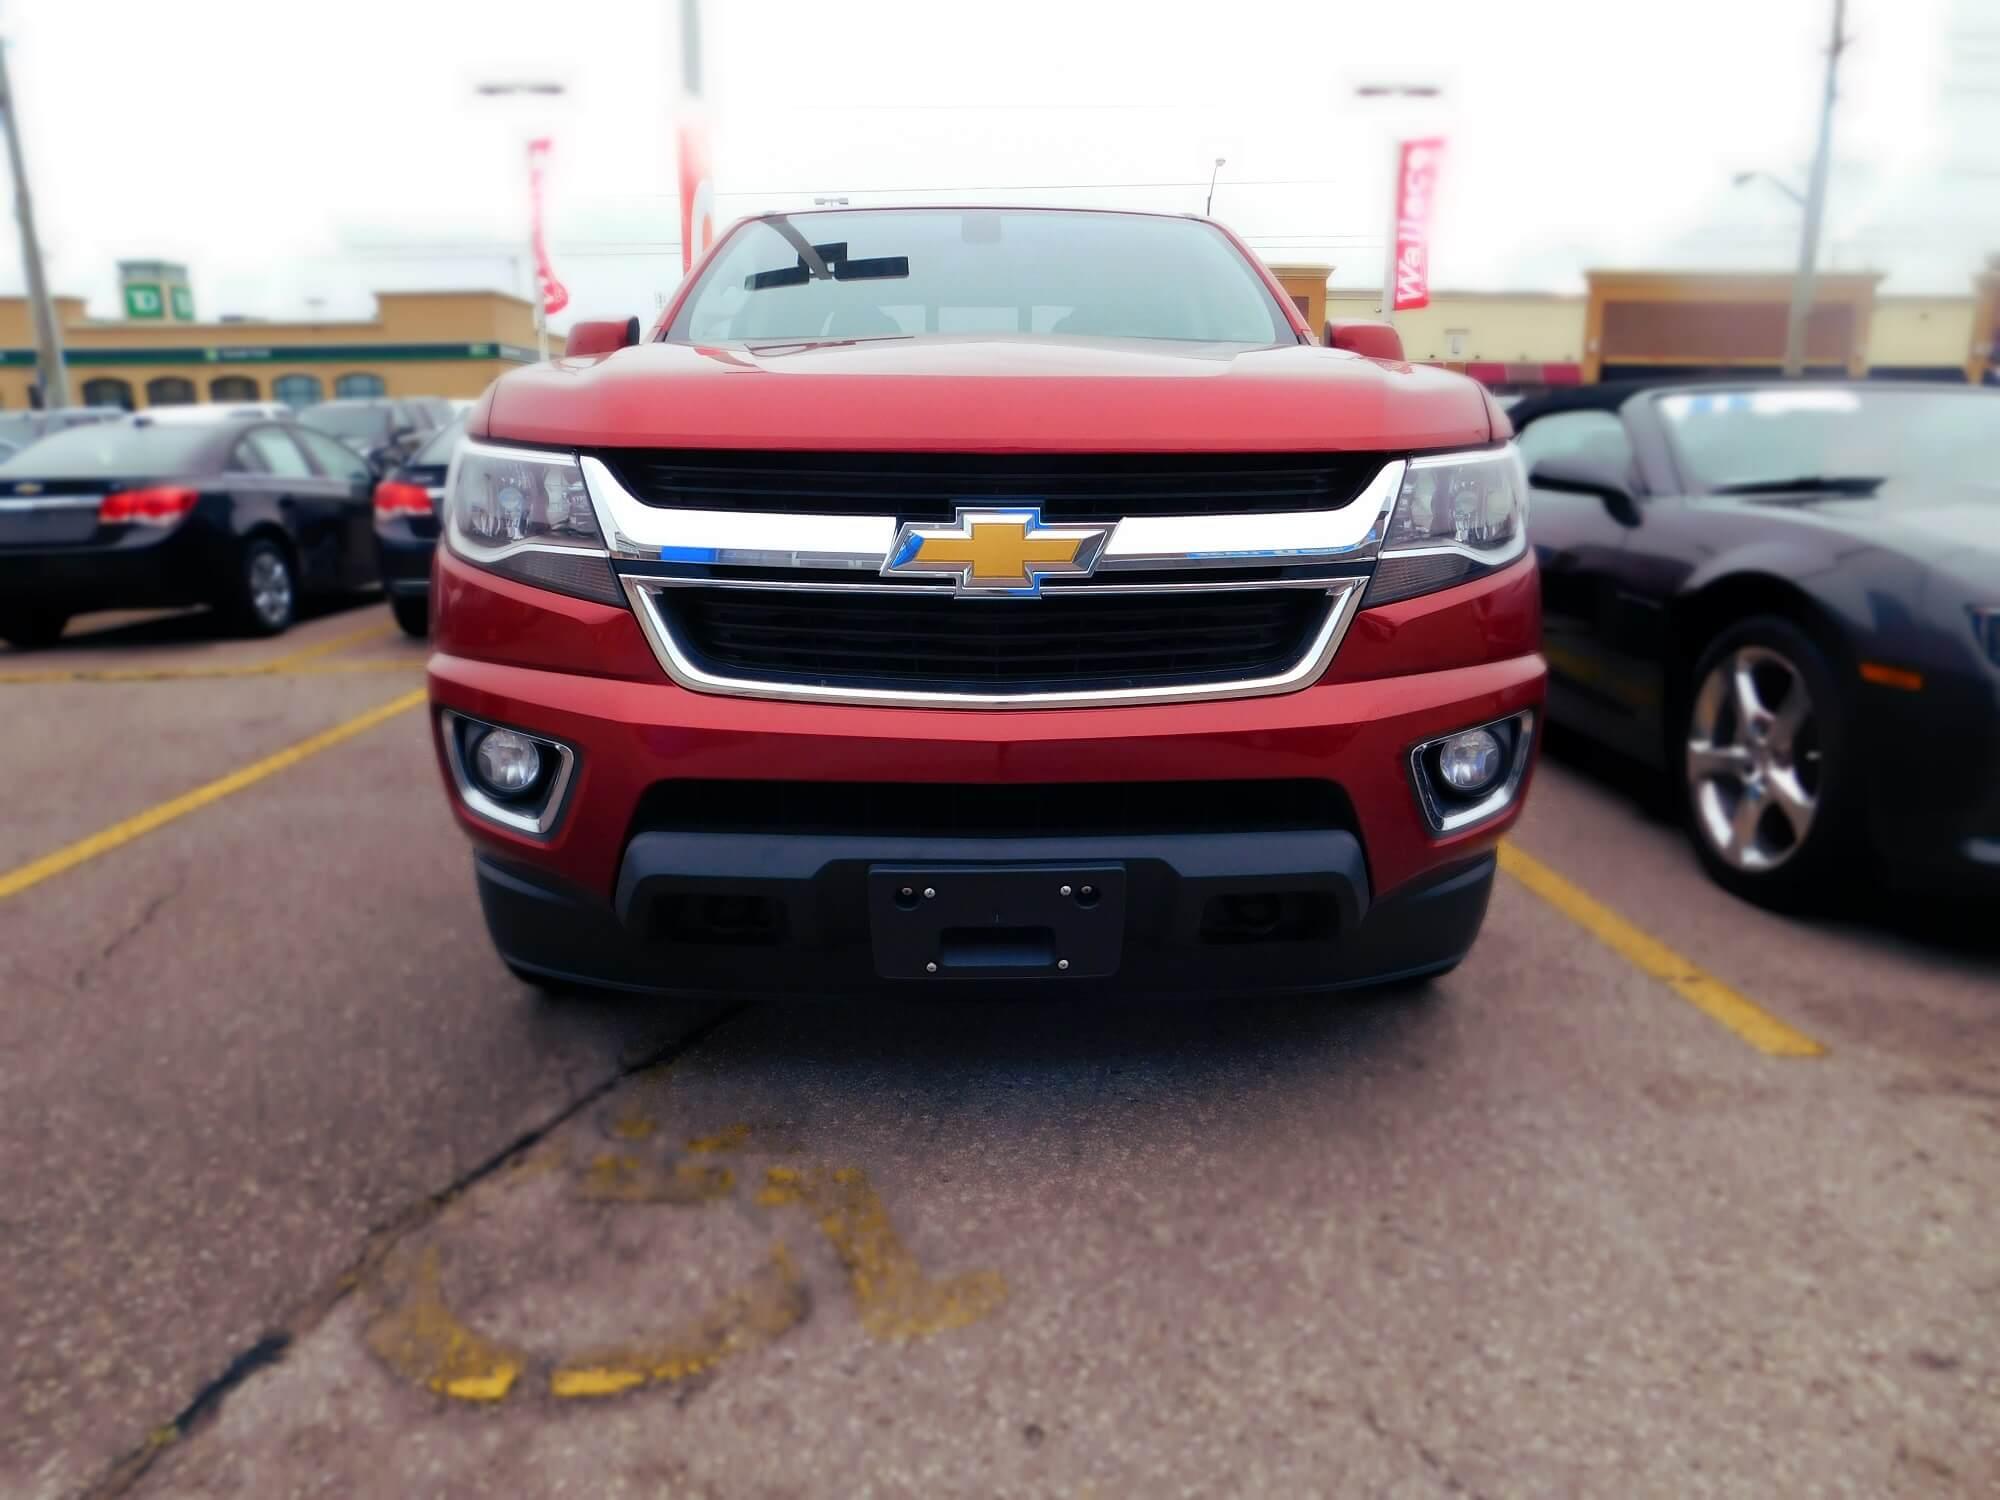 Chevrolet Colorado front